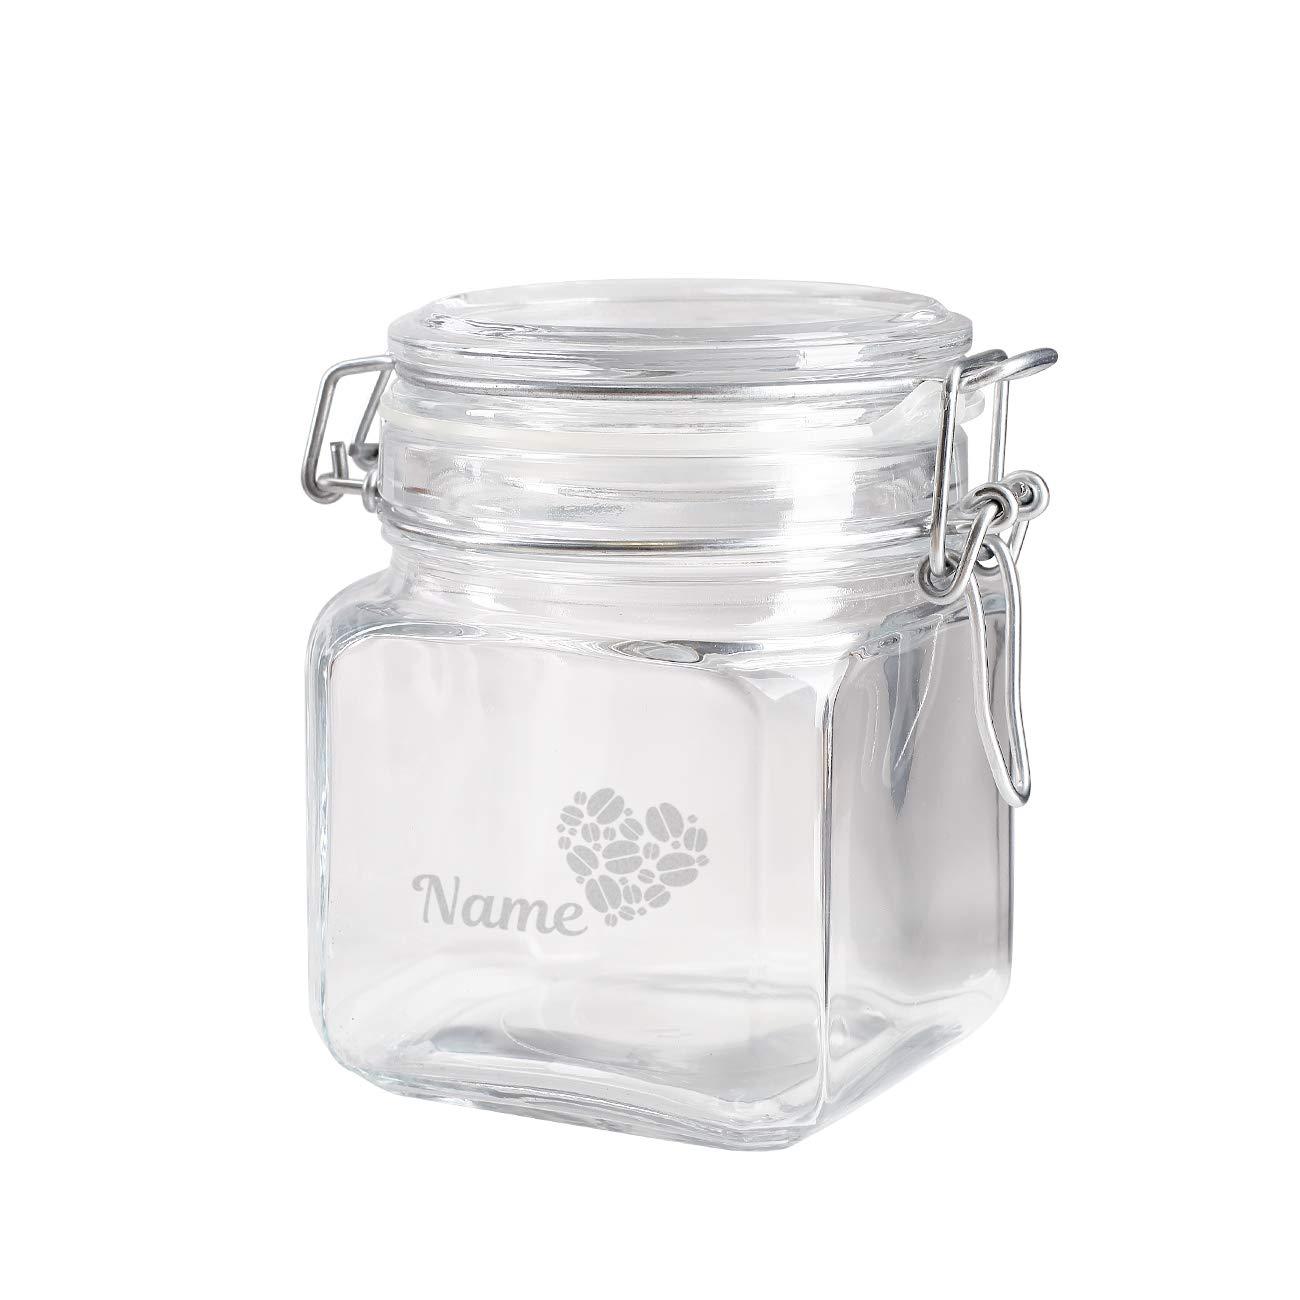 Herz & Heim® Vorratsglas mit Gravur Ihres Wunschnamen - für Kaffee, Kakao oder Zucker Kaffeebohnenherz Herz & Heim®